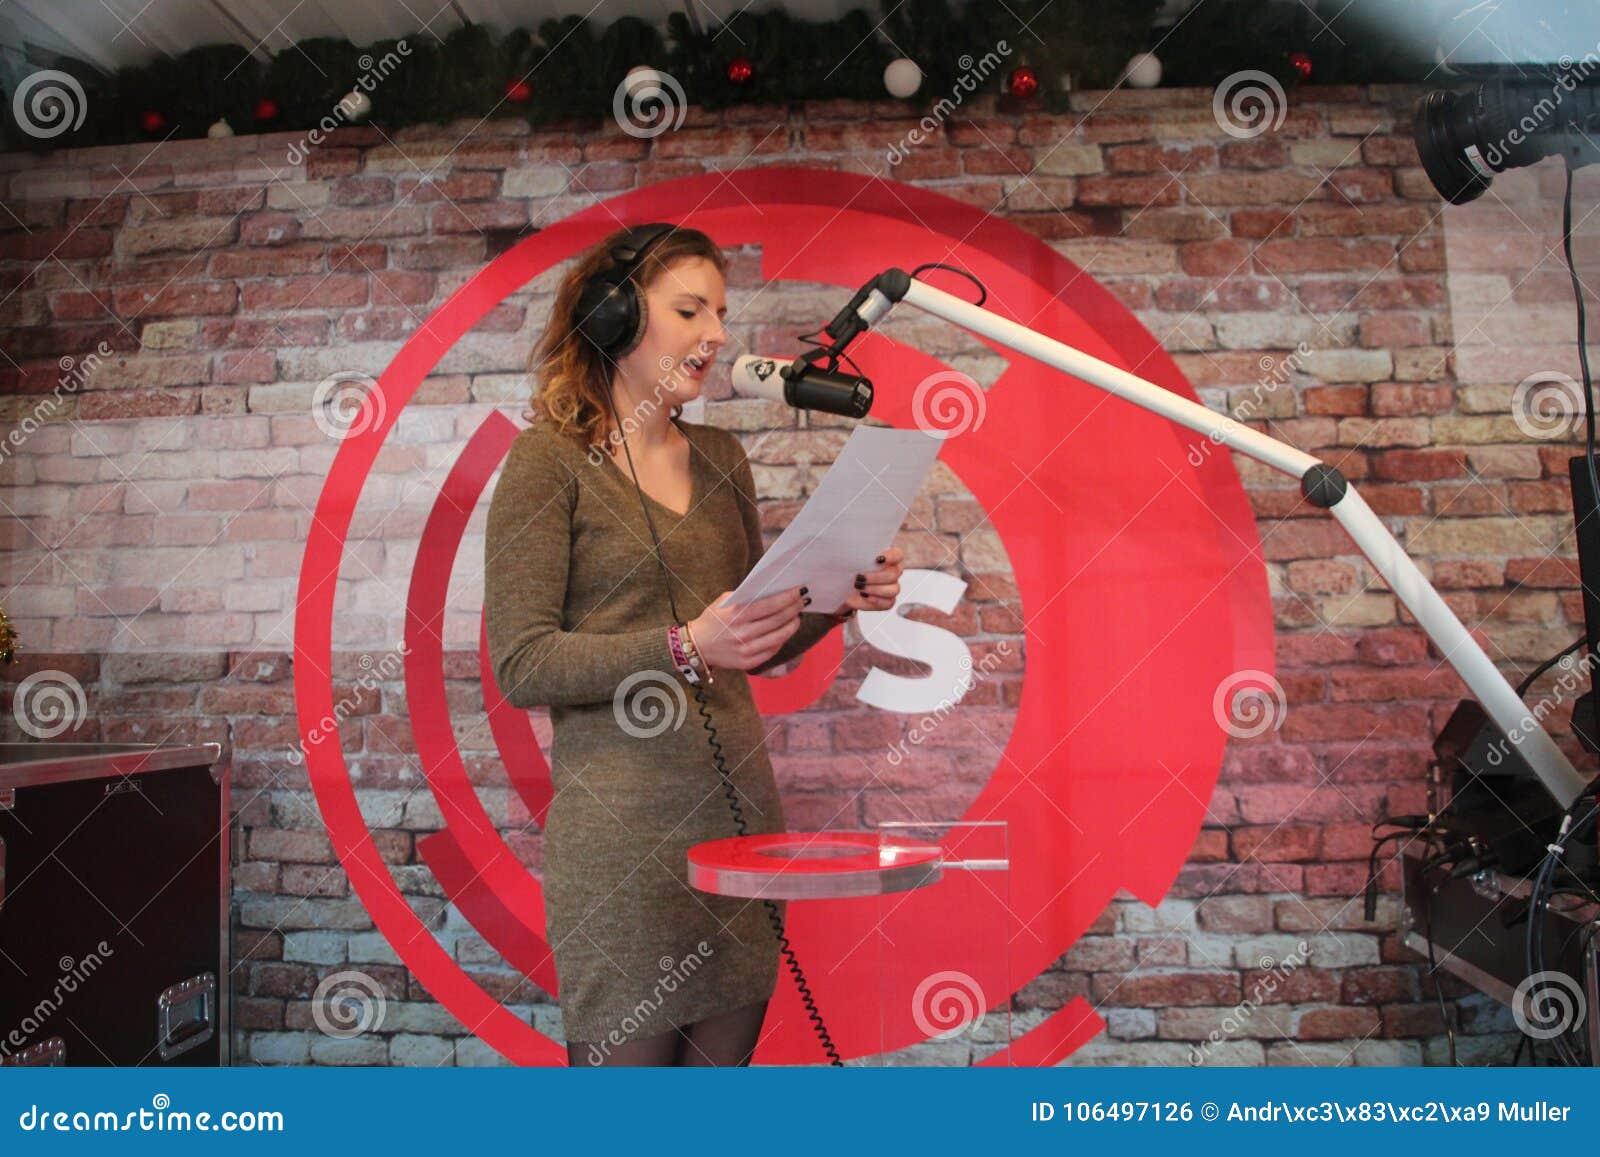 阿珀尔多伦,荷兰- 2017年12月23日:3 DJ ` NPO 3FM收音机s在玻璃房子里被锁培养mony红色哥斯达黎加的